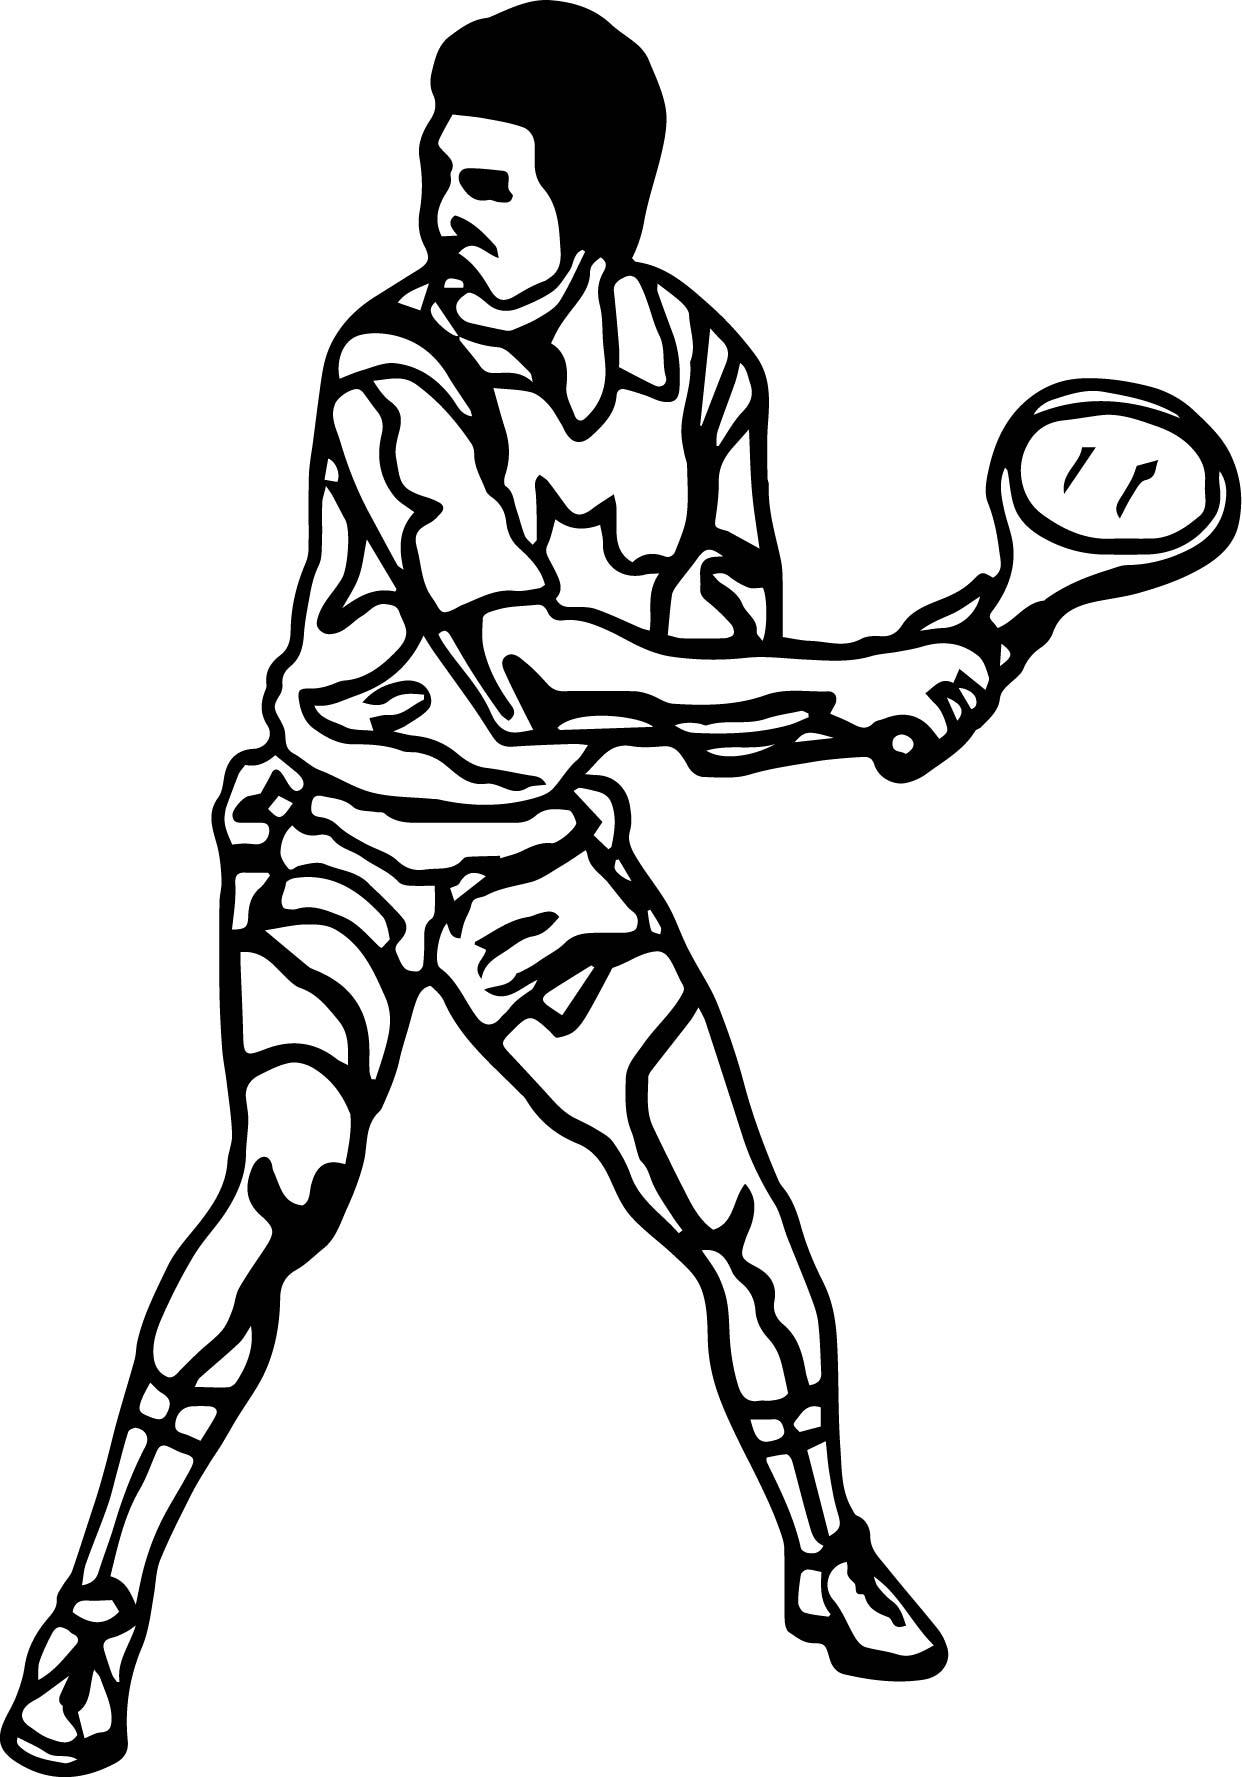 Man Kid Playing Tennis Coloring Page